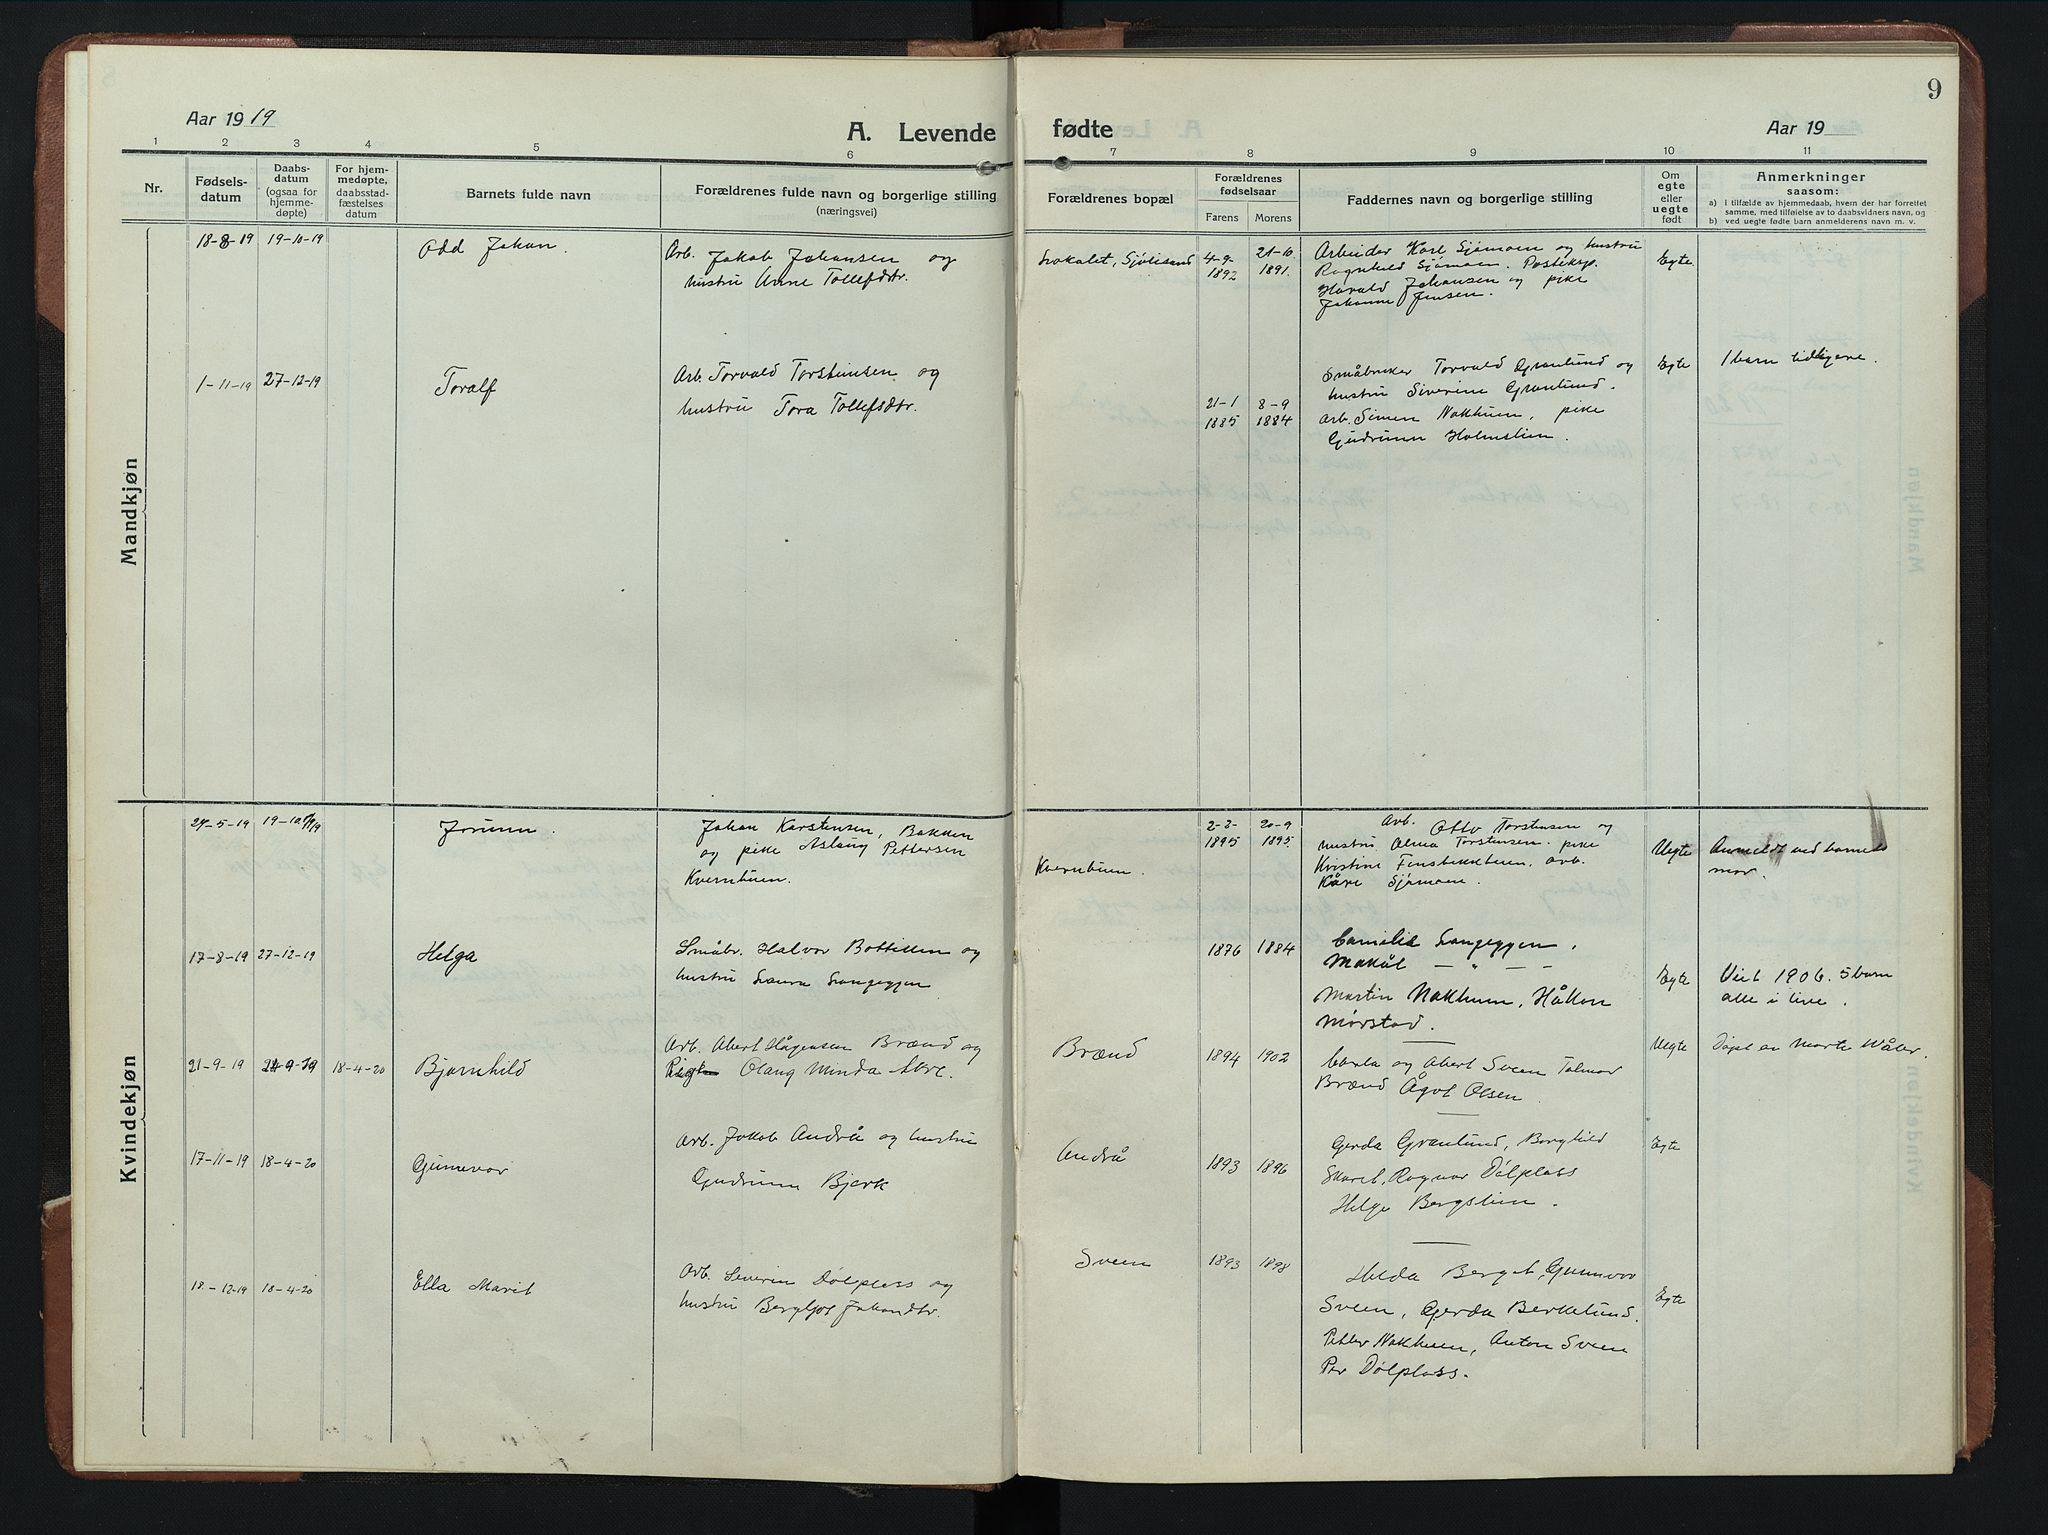 SAH, Rendalen prestekontor, H/Ha/Hab/L0008: Klokkerbok nr. 8, 1914-1948, s. 9